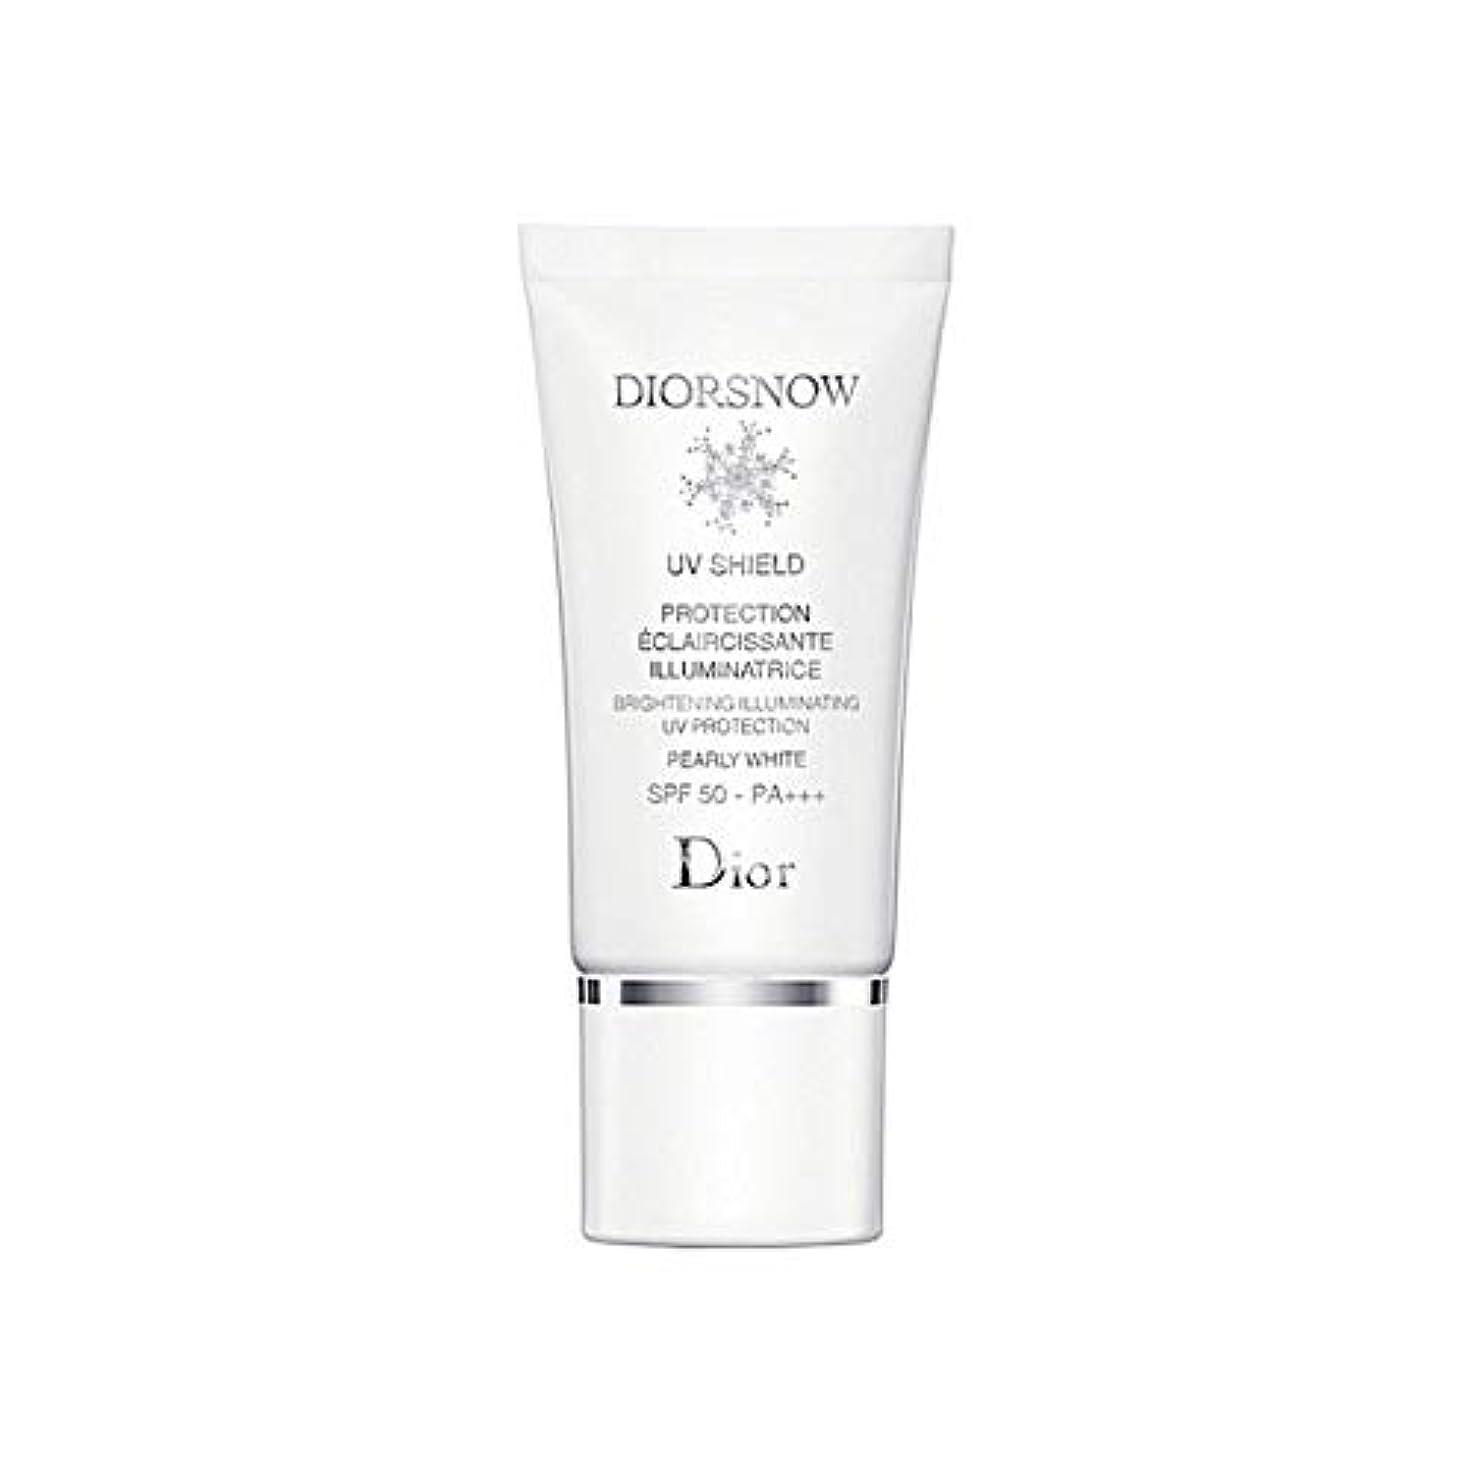 ハイキング魚とんでもない[Dior] ディオールディオールスノー増白照明Uvプロテクション真珠のような白Spf50 - Dior Diorsnow Brightening Illuminating Uv Protection Pearly White...